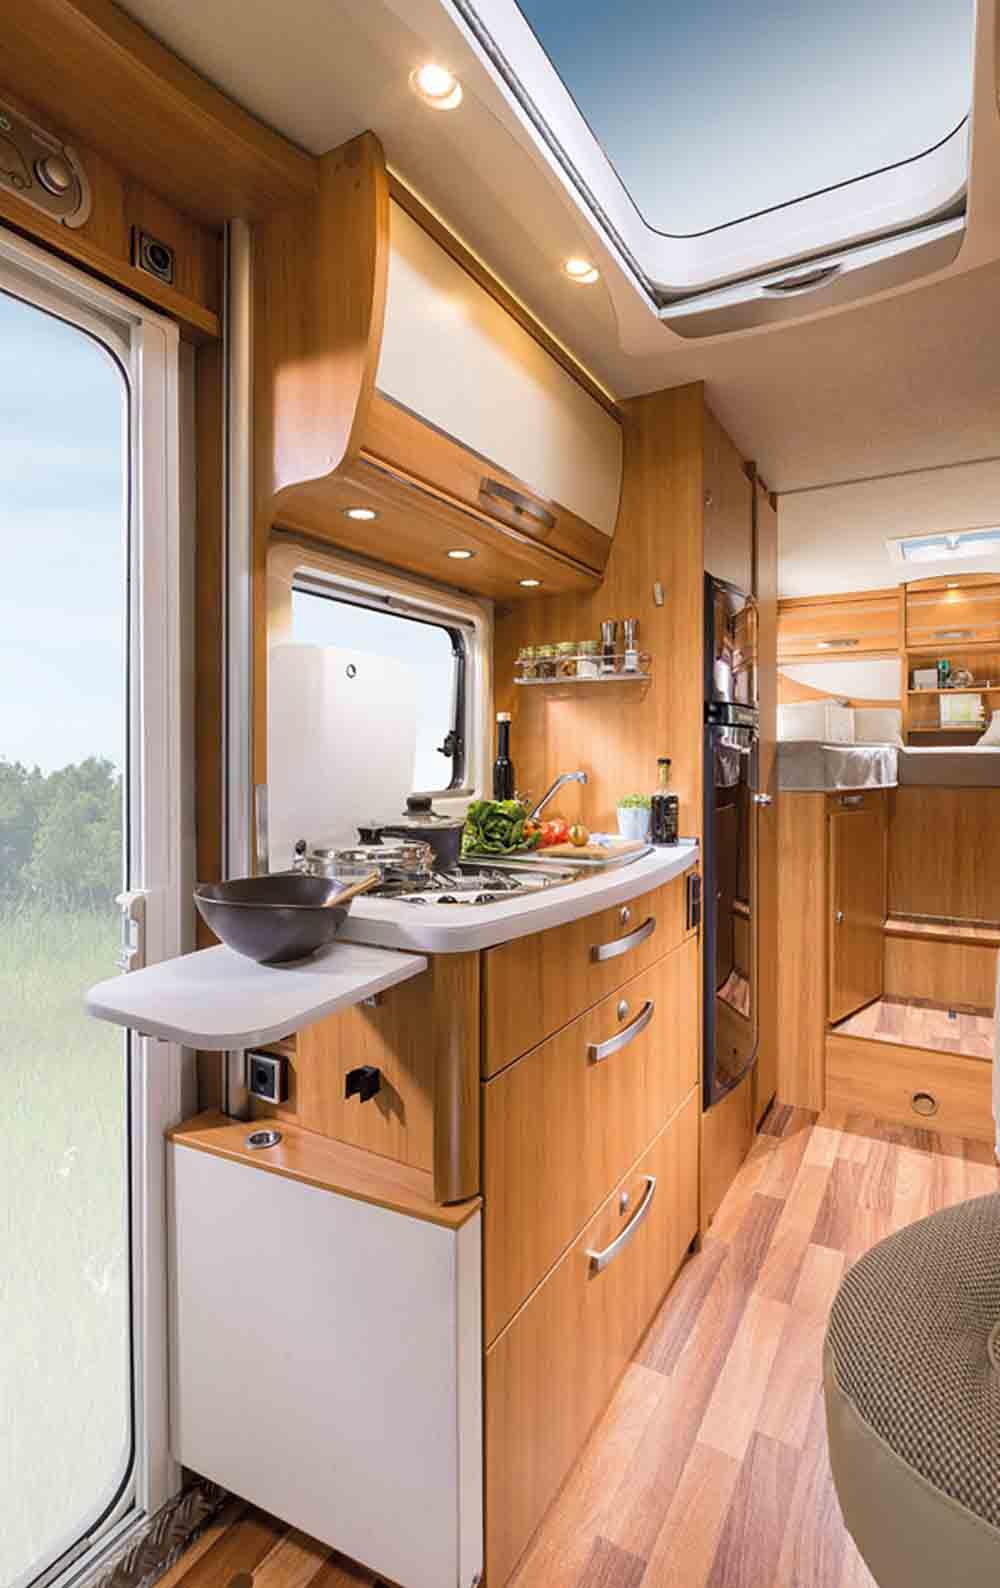 Кухня автодома с плитой, холодильником и проточной водой